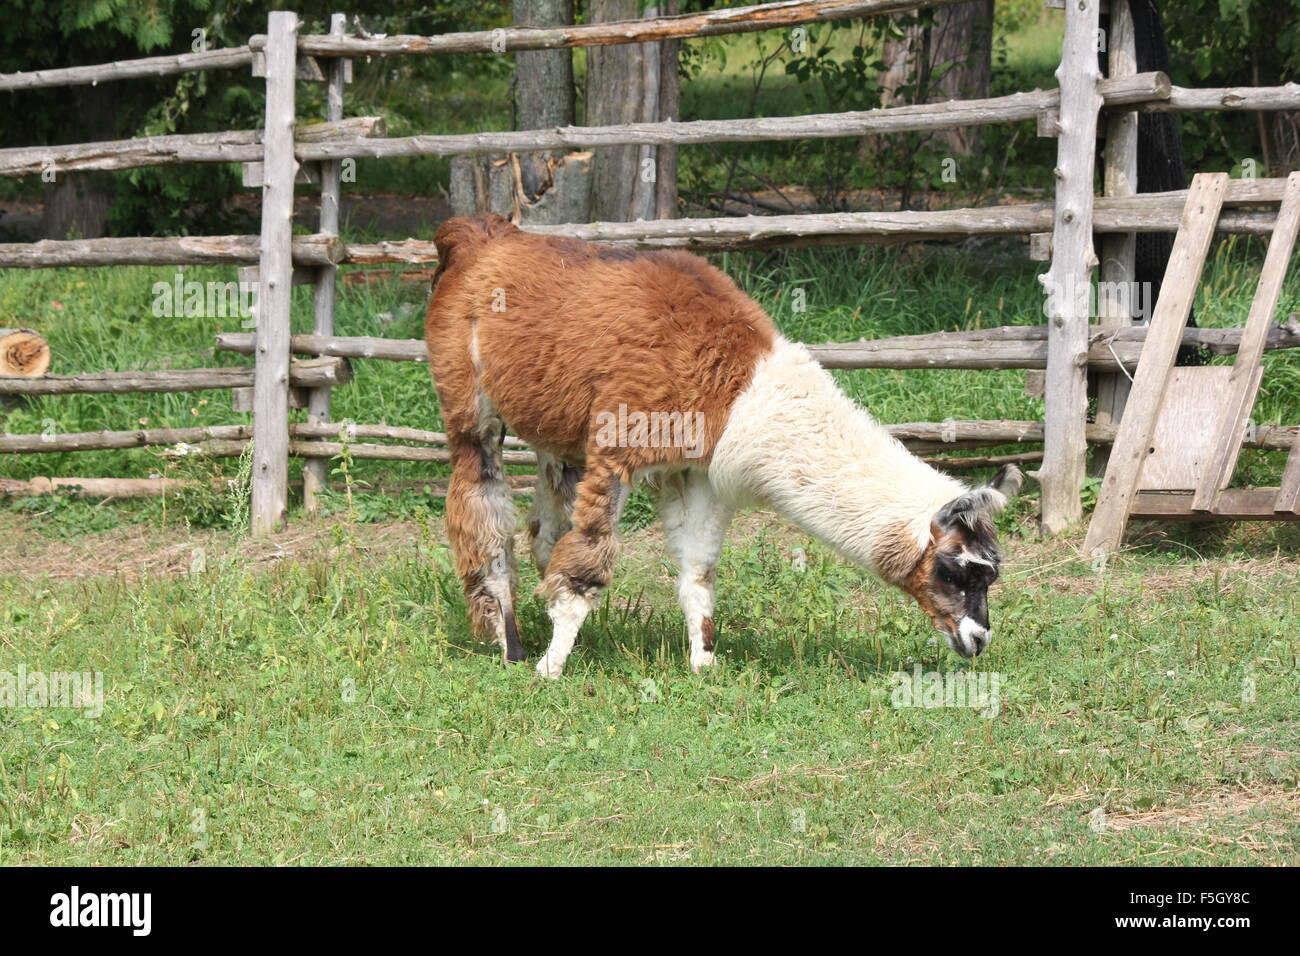 Llama su una piccola fattoria di hobby. La lama è un addomesticati South American camelid, è stato ampiamente Immagini Stock